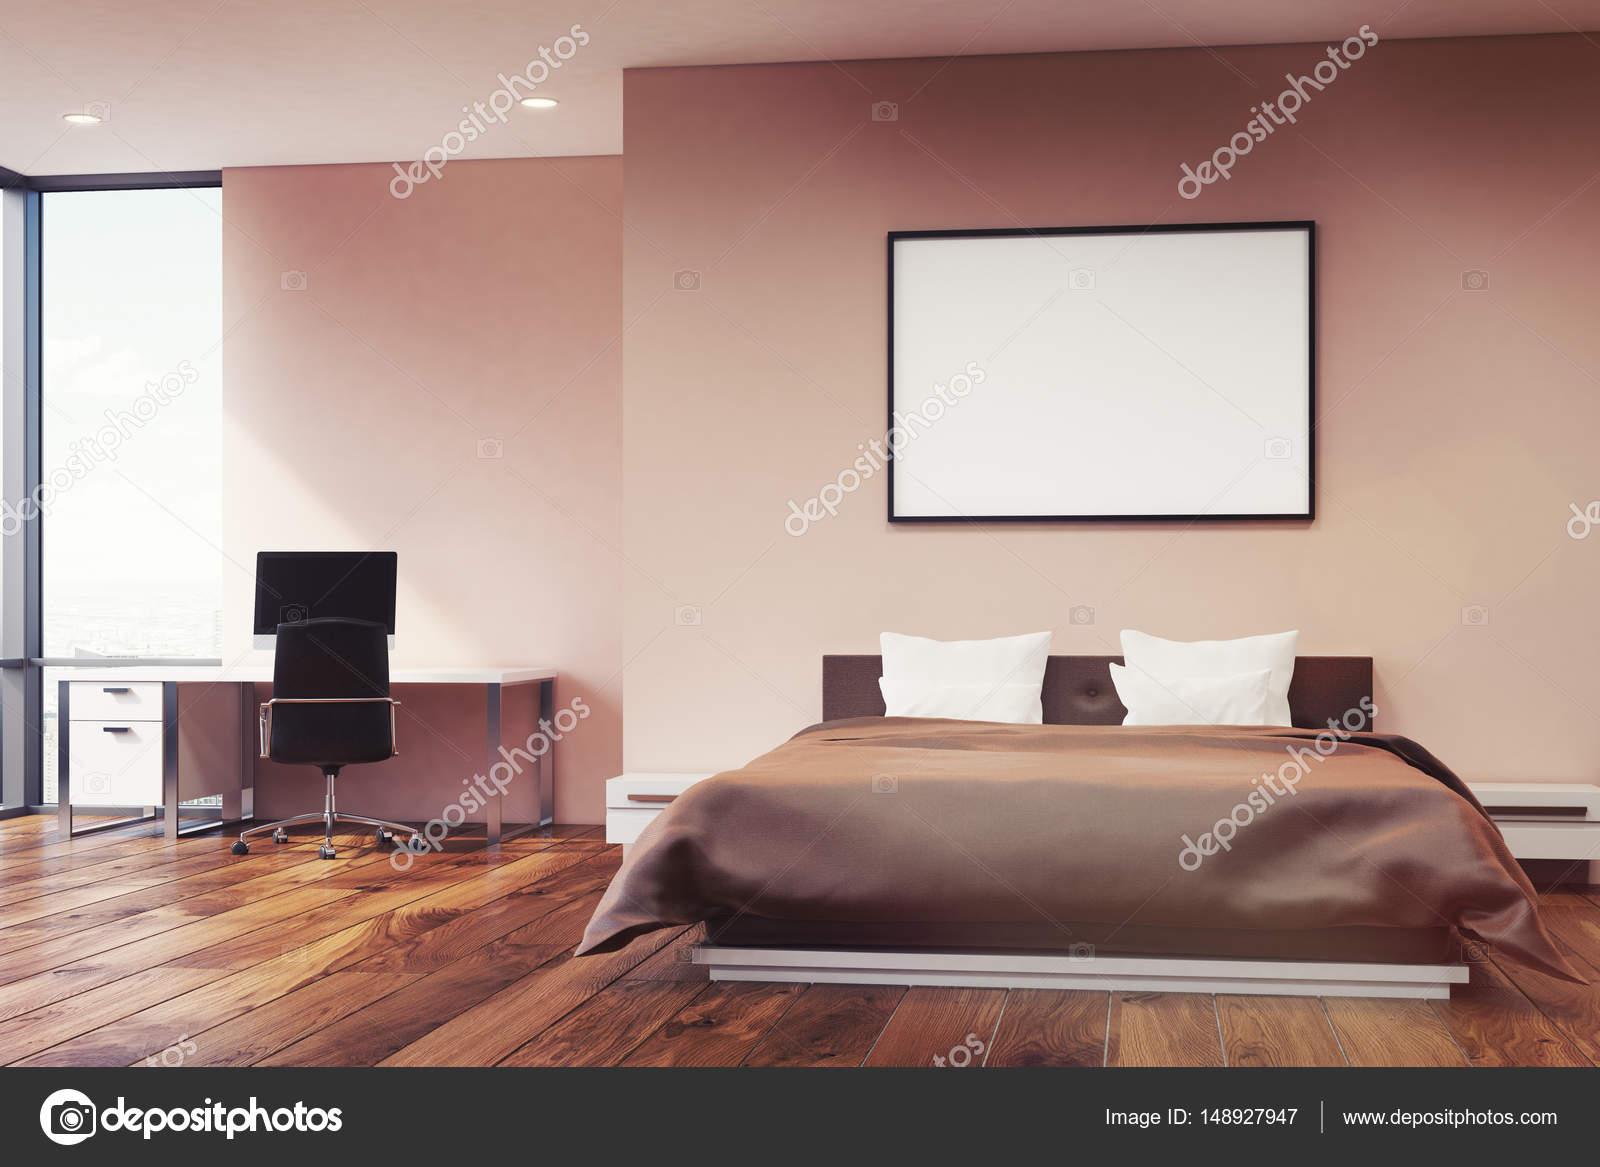 Pareti Rosa Camera Da Letto : Rosa parete camera da letto fronte u foto stock denisismagilov